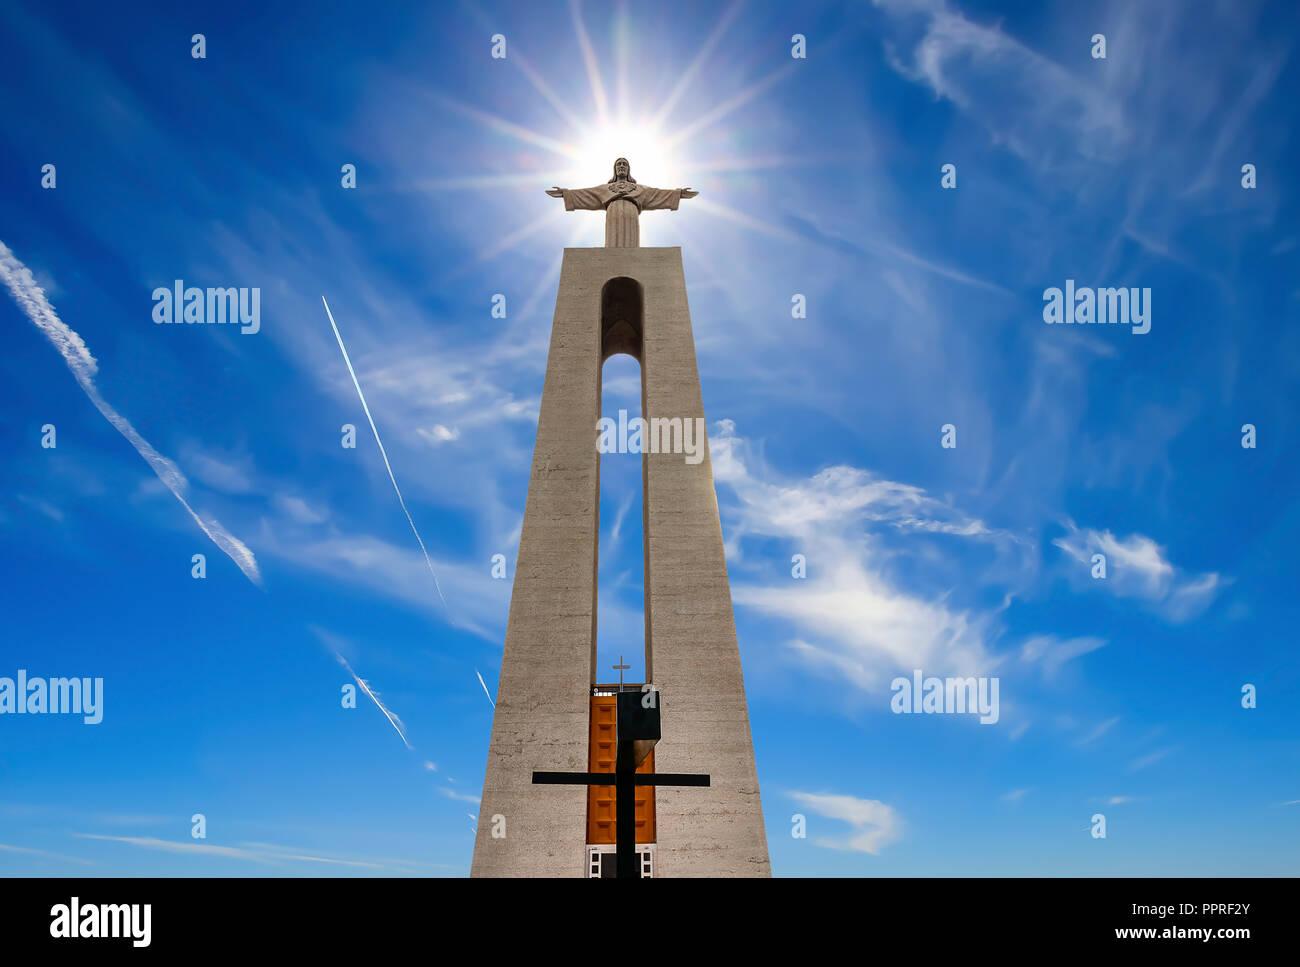 Heiligtum von Christus, dem König, mit dem Foto mit der Sonne vorsätzlich in den Kopf der Statue positioniert werden Stockbild